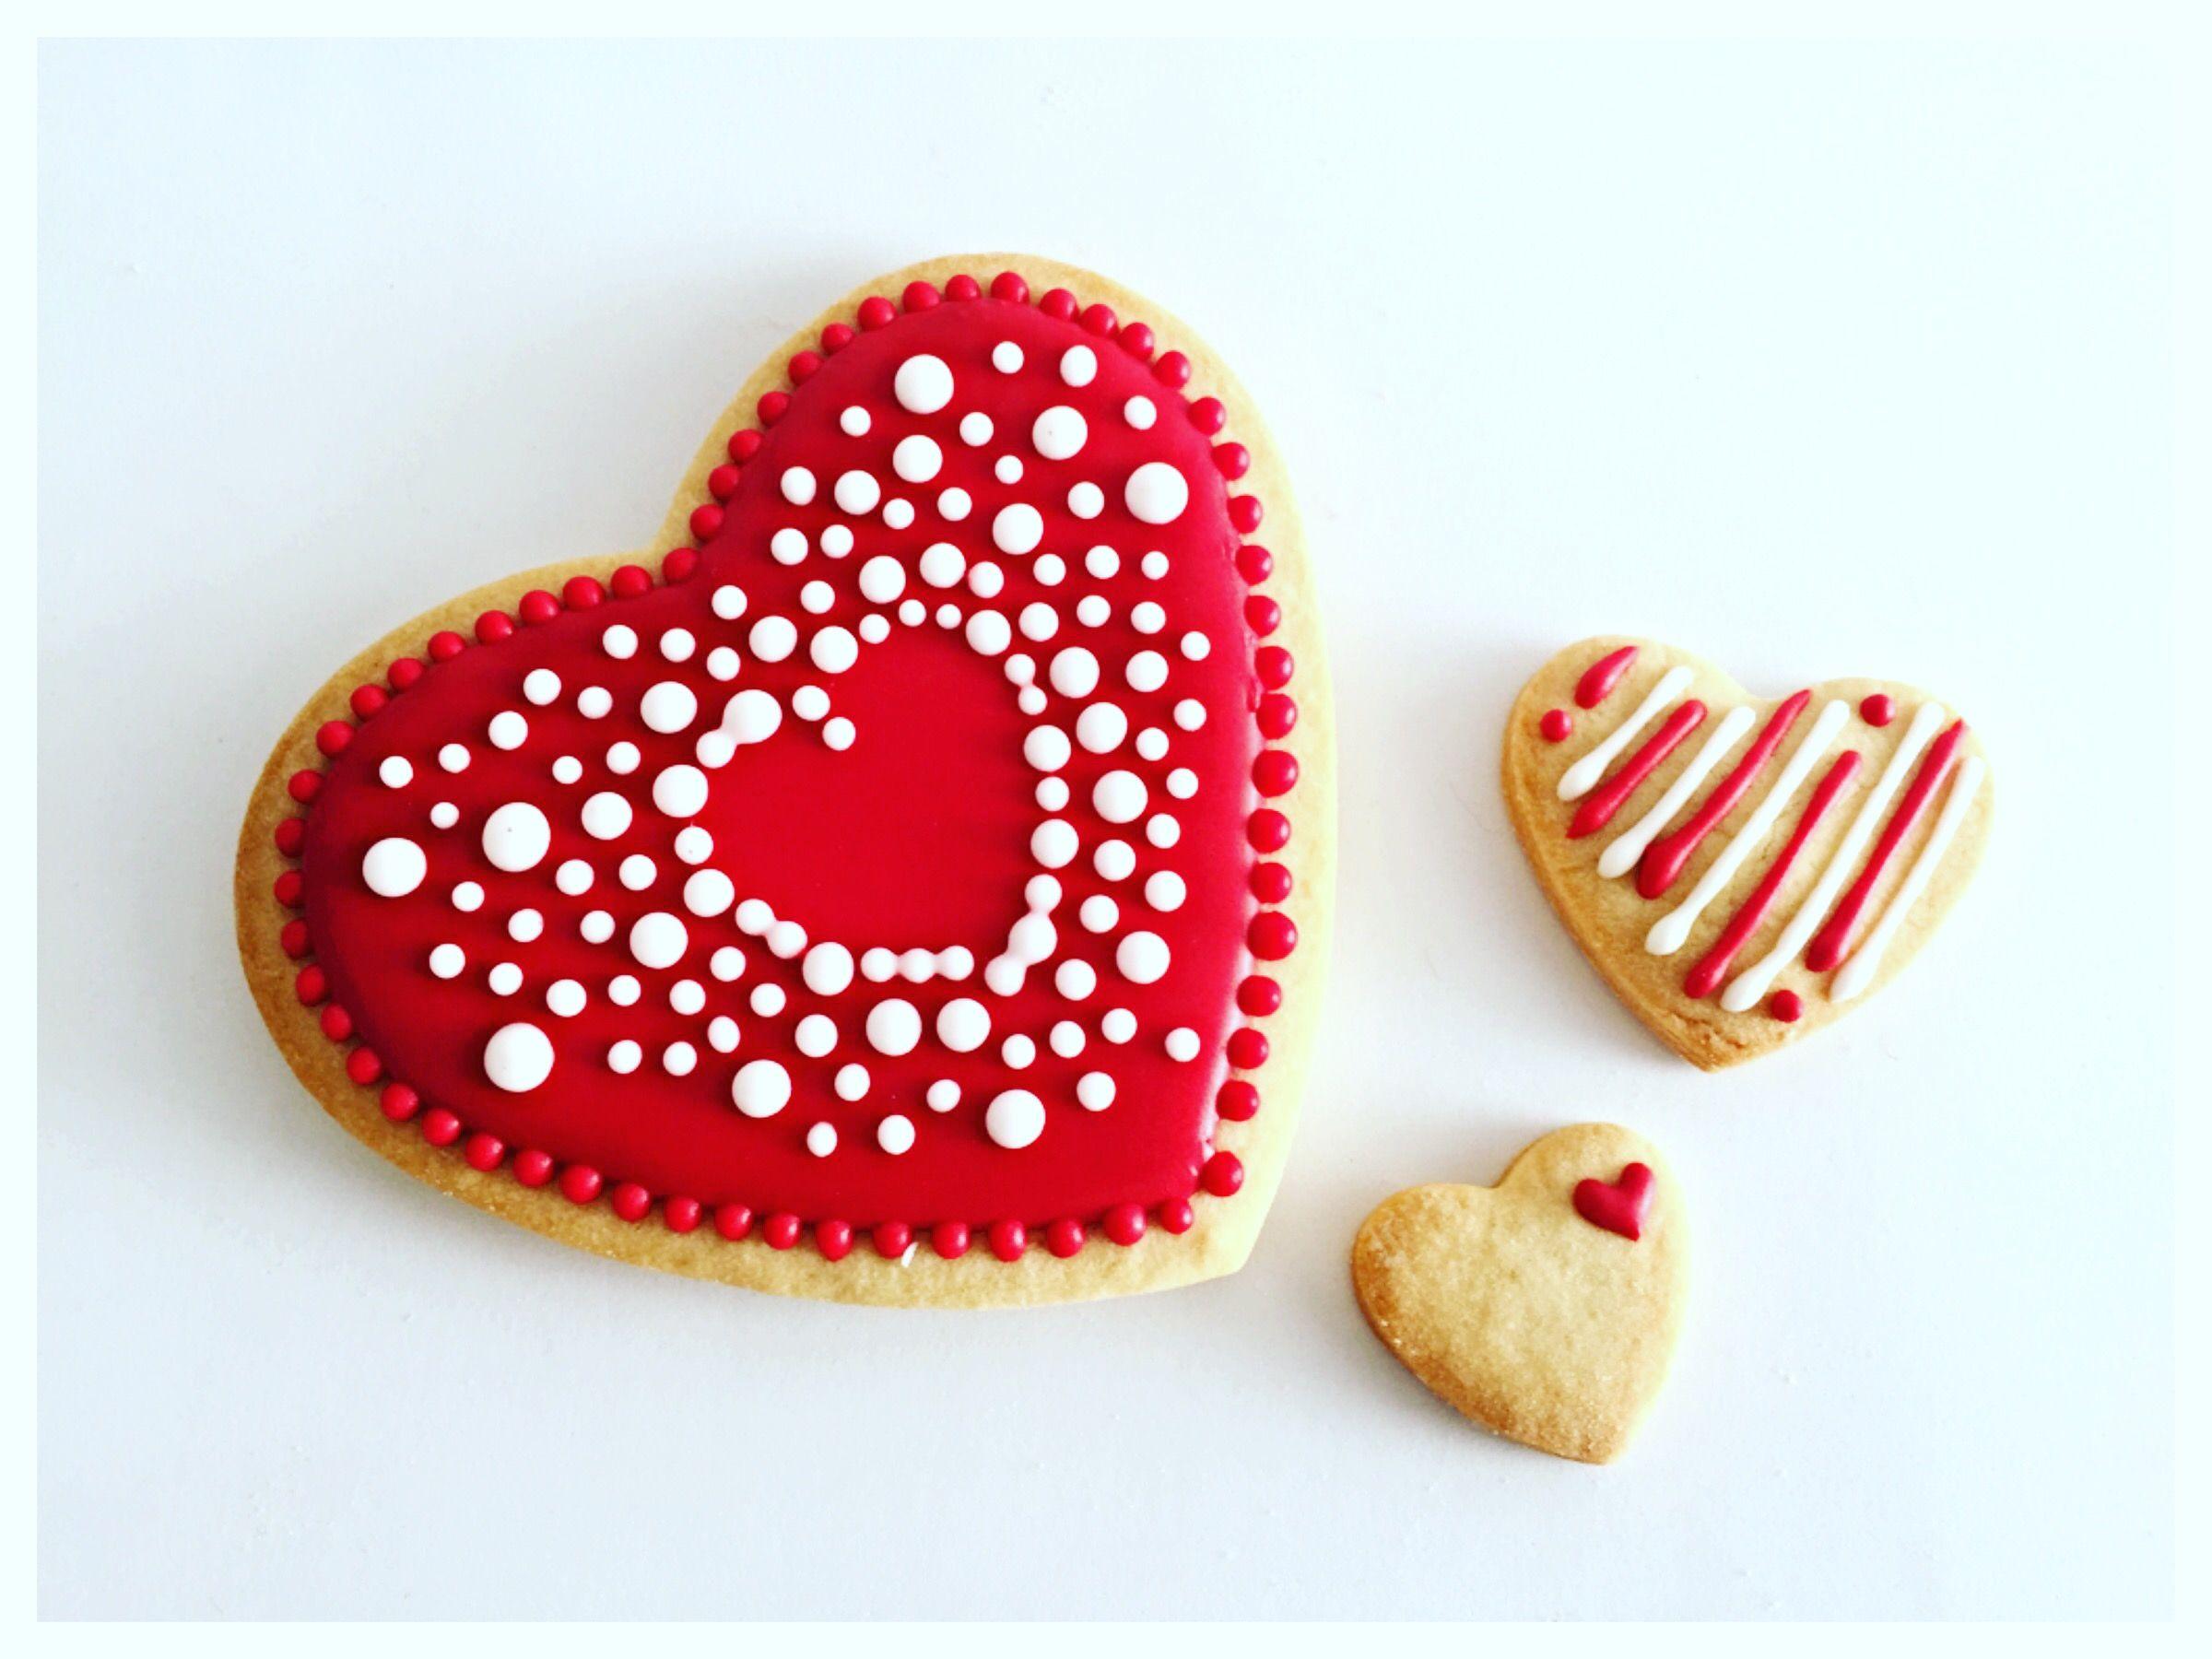 Galleta de corazón ❤️, un diseño lindo para alguien especial  , galleta de mantequilla decorada...feliz día de san Valentín #love #cookies #beaking #friends #hechoamano #felizfindesemana #happyweekend #delicious #mexico #coloradadelicia #happyvalentines #me #cookiegram #cookielove #galletas #galletasdecoradas #cookie